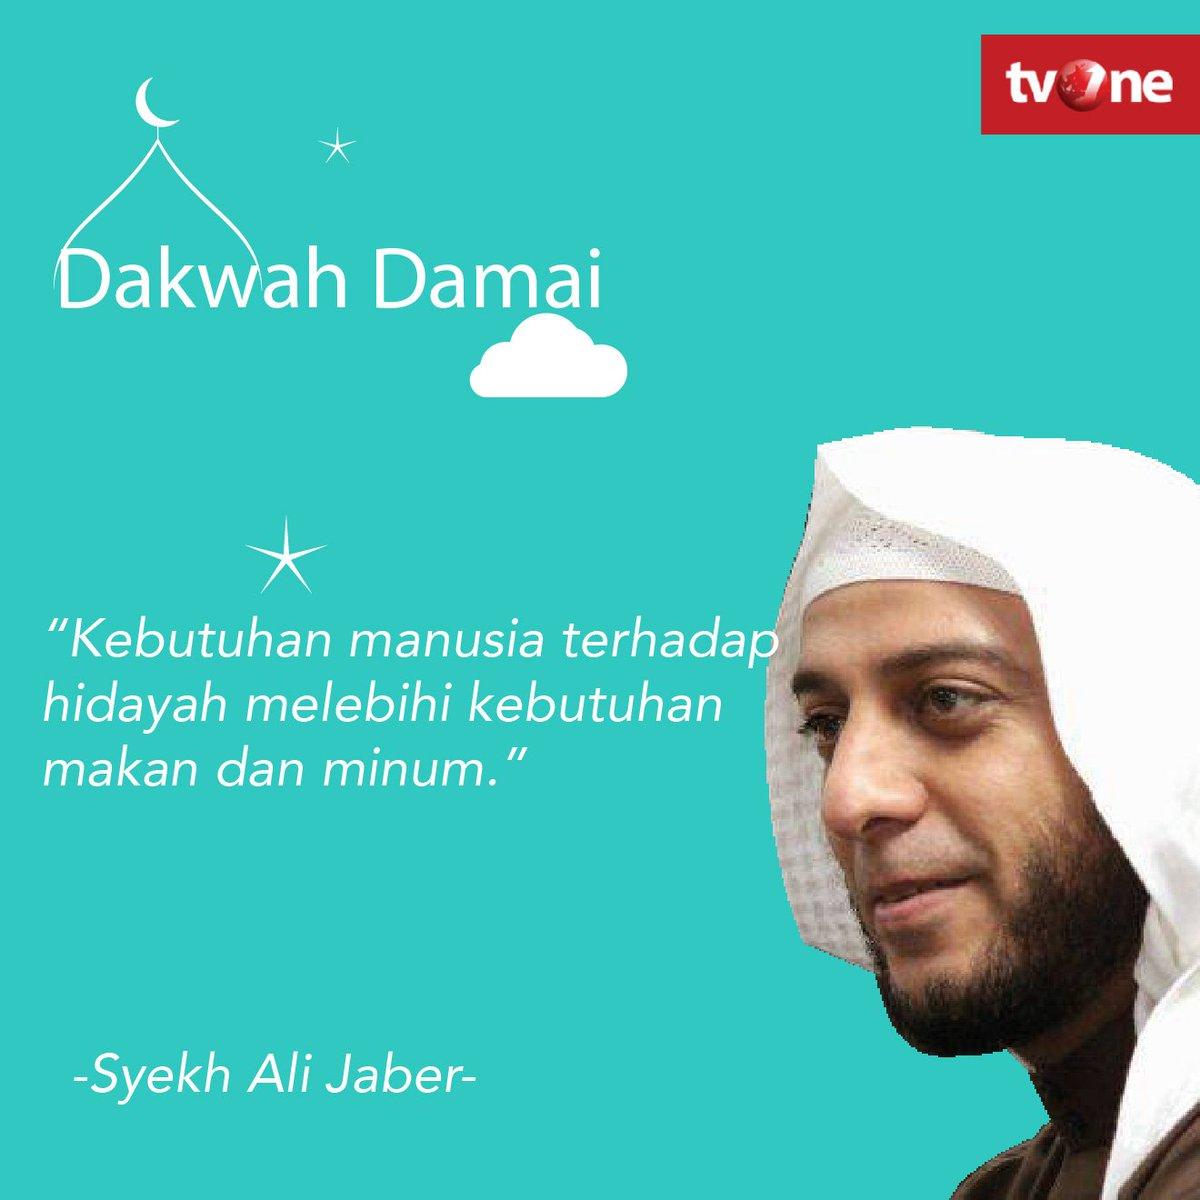 Tvonenews A Twitter Kebutuhan Manusia Terhadap Hidayah Melebihi Kebutuhan Makan Dan Minum Syekh Ali Jaber